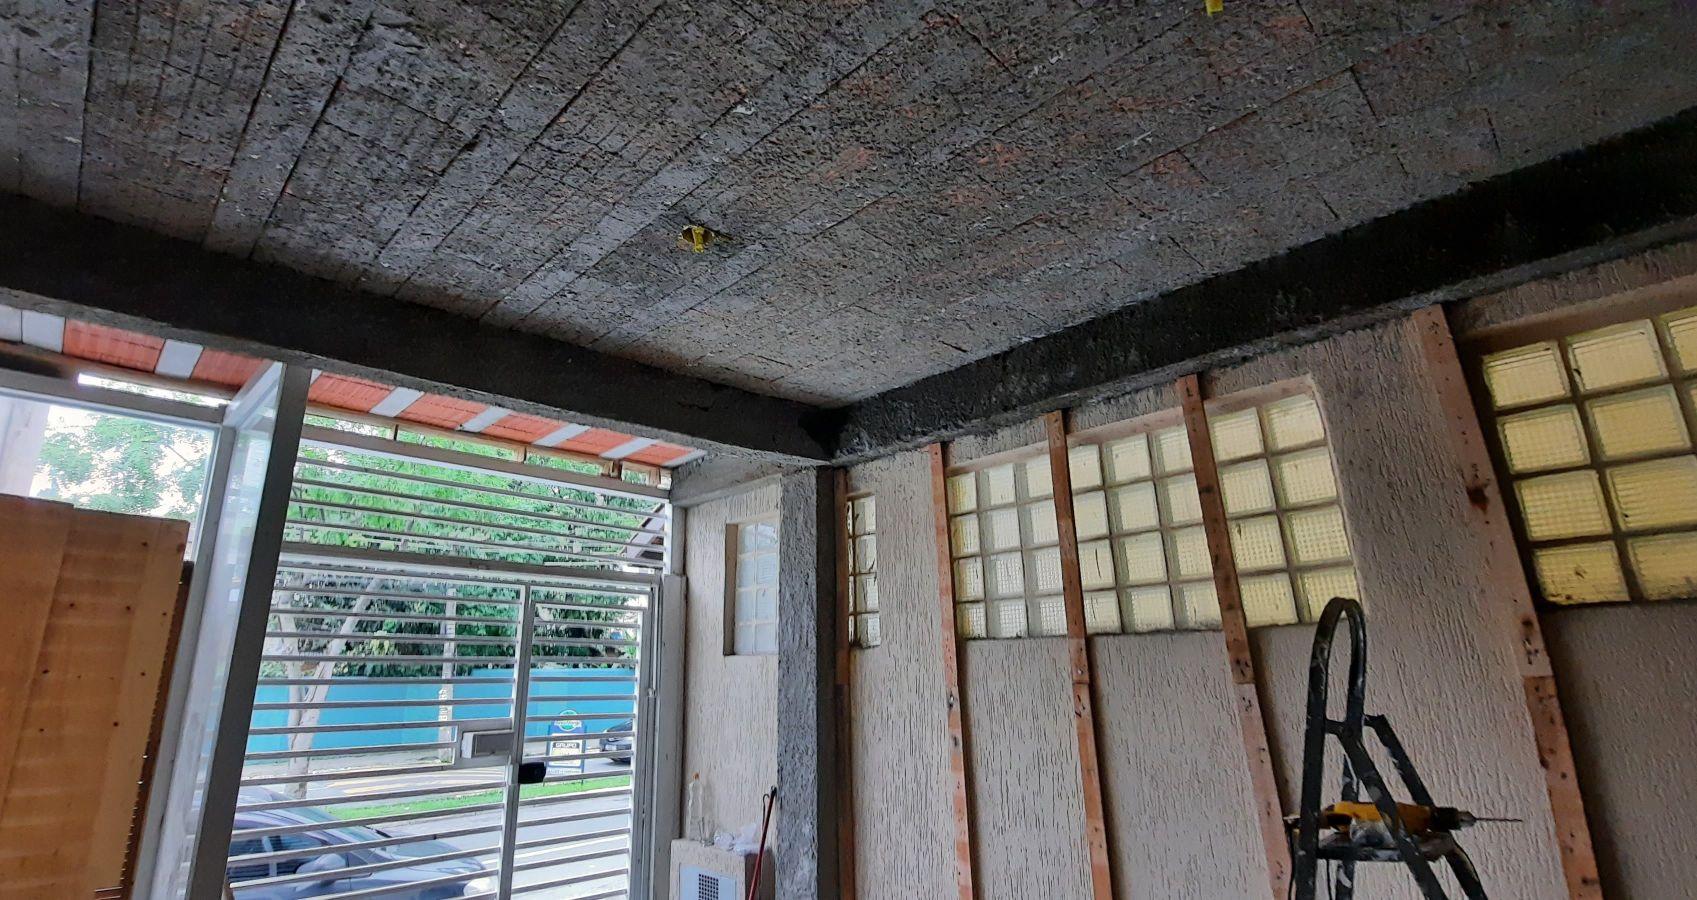 laje e revestimento de madeira em parede